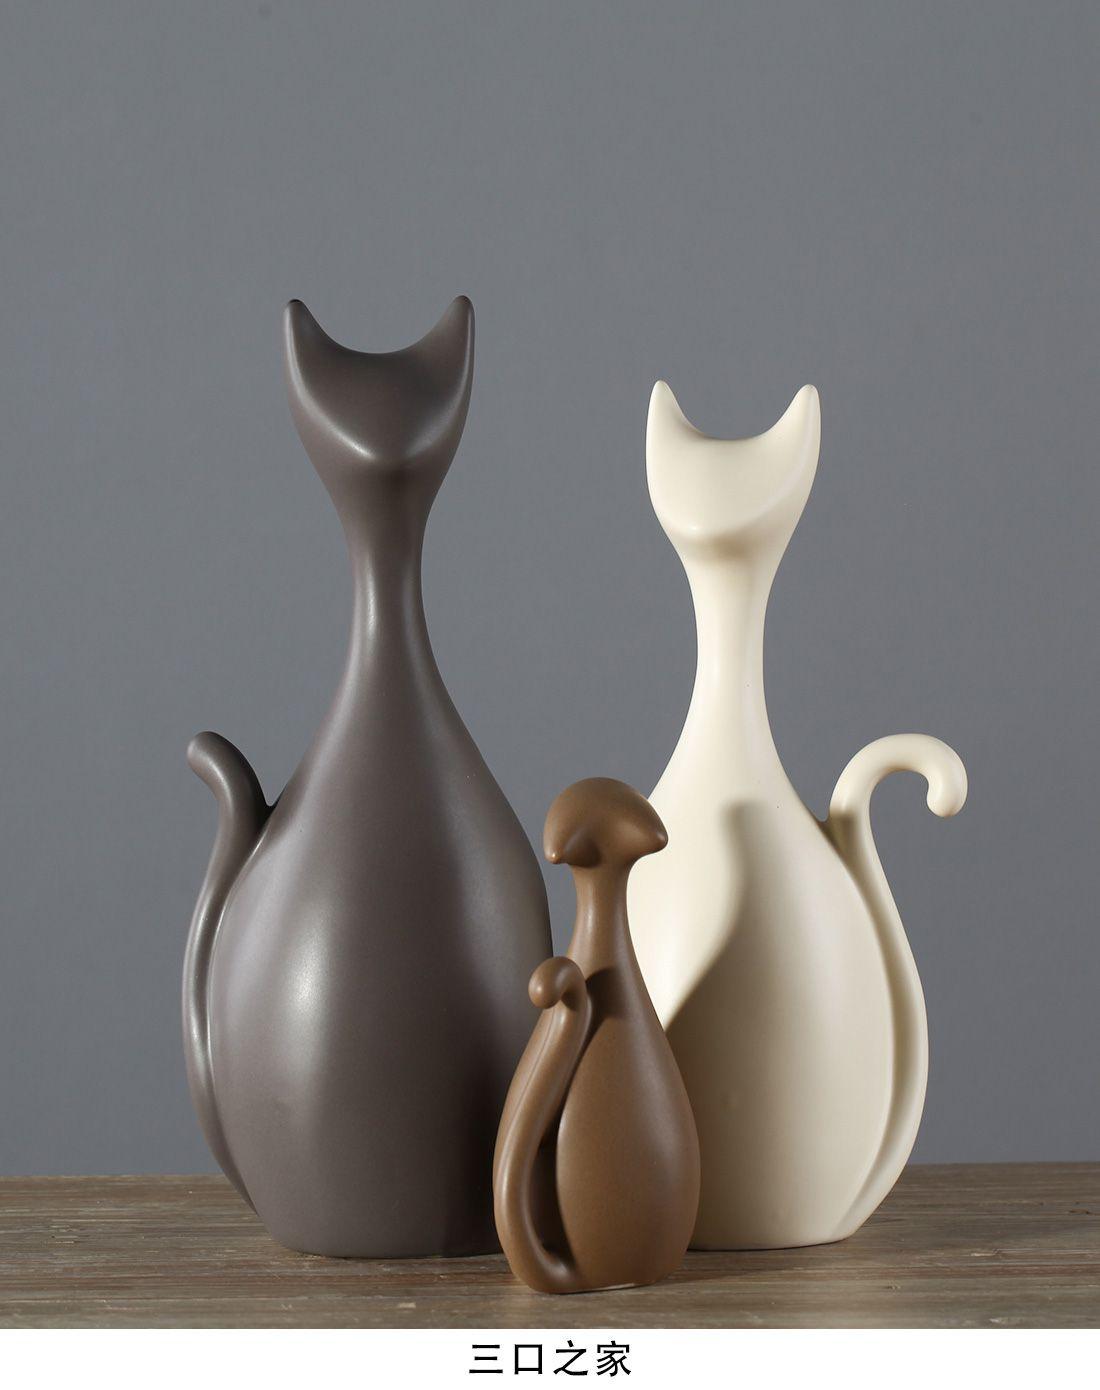 陶瓷雕刻鹿装饰摆件图片